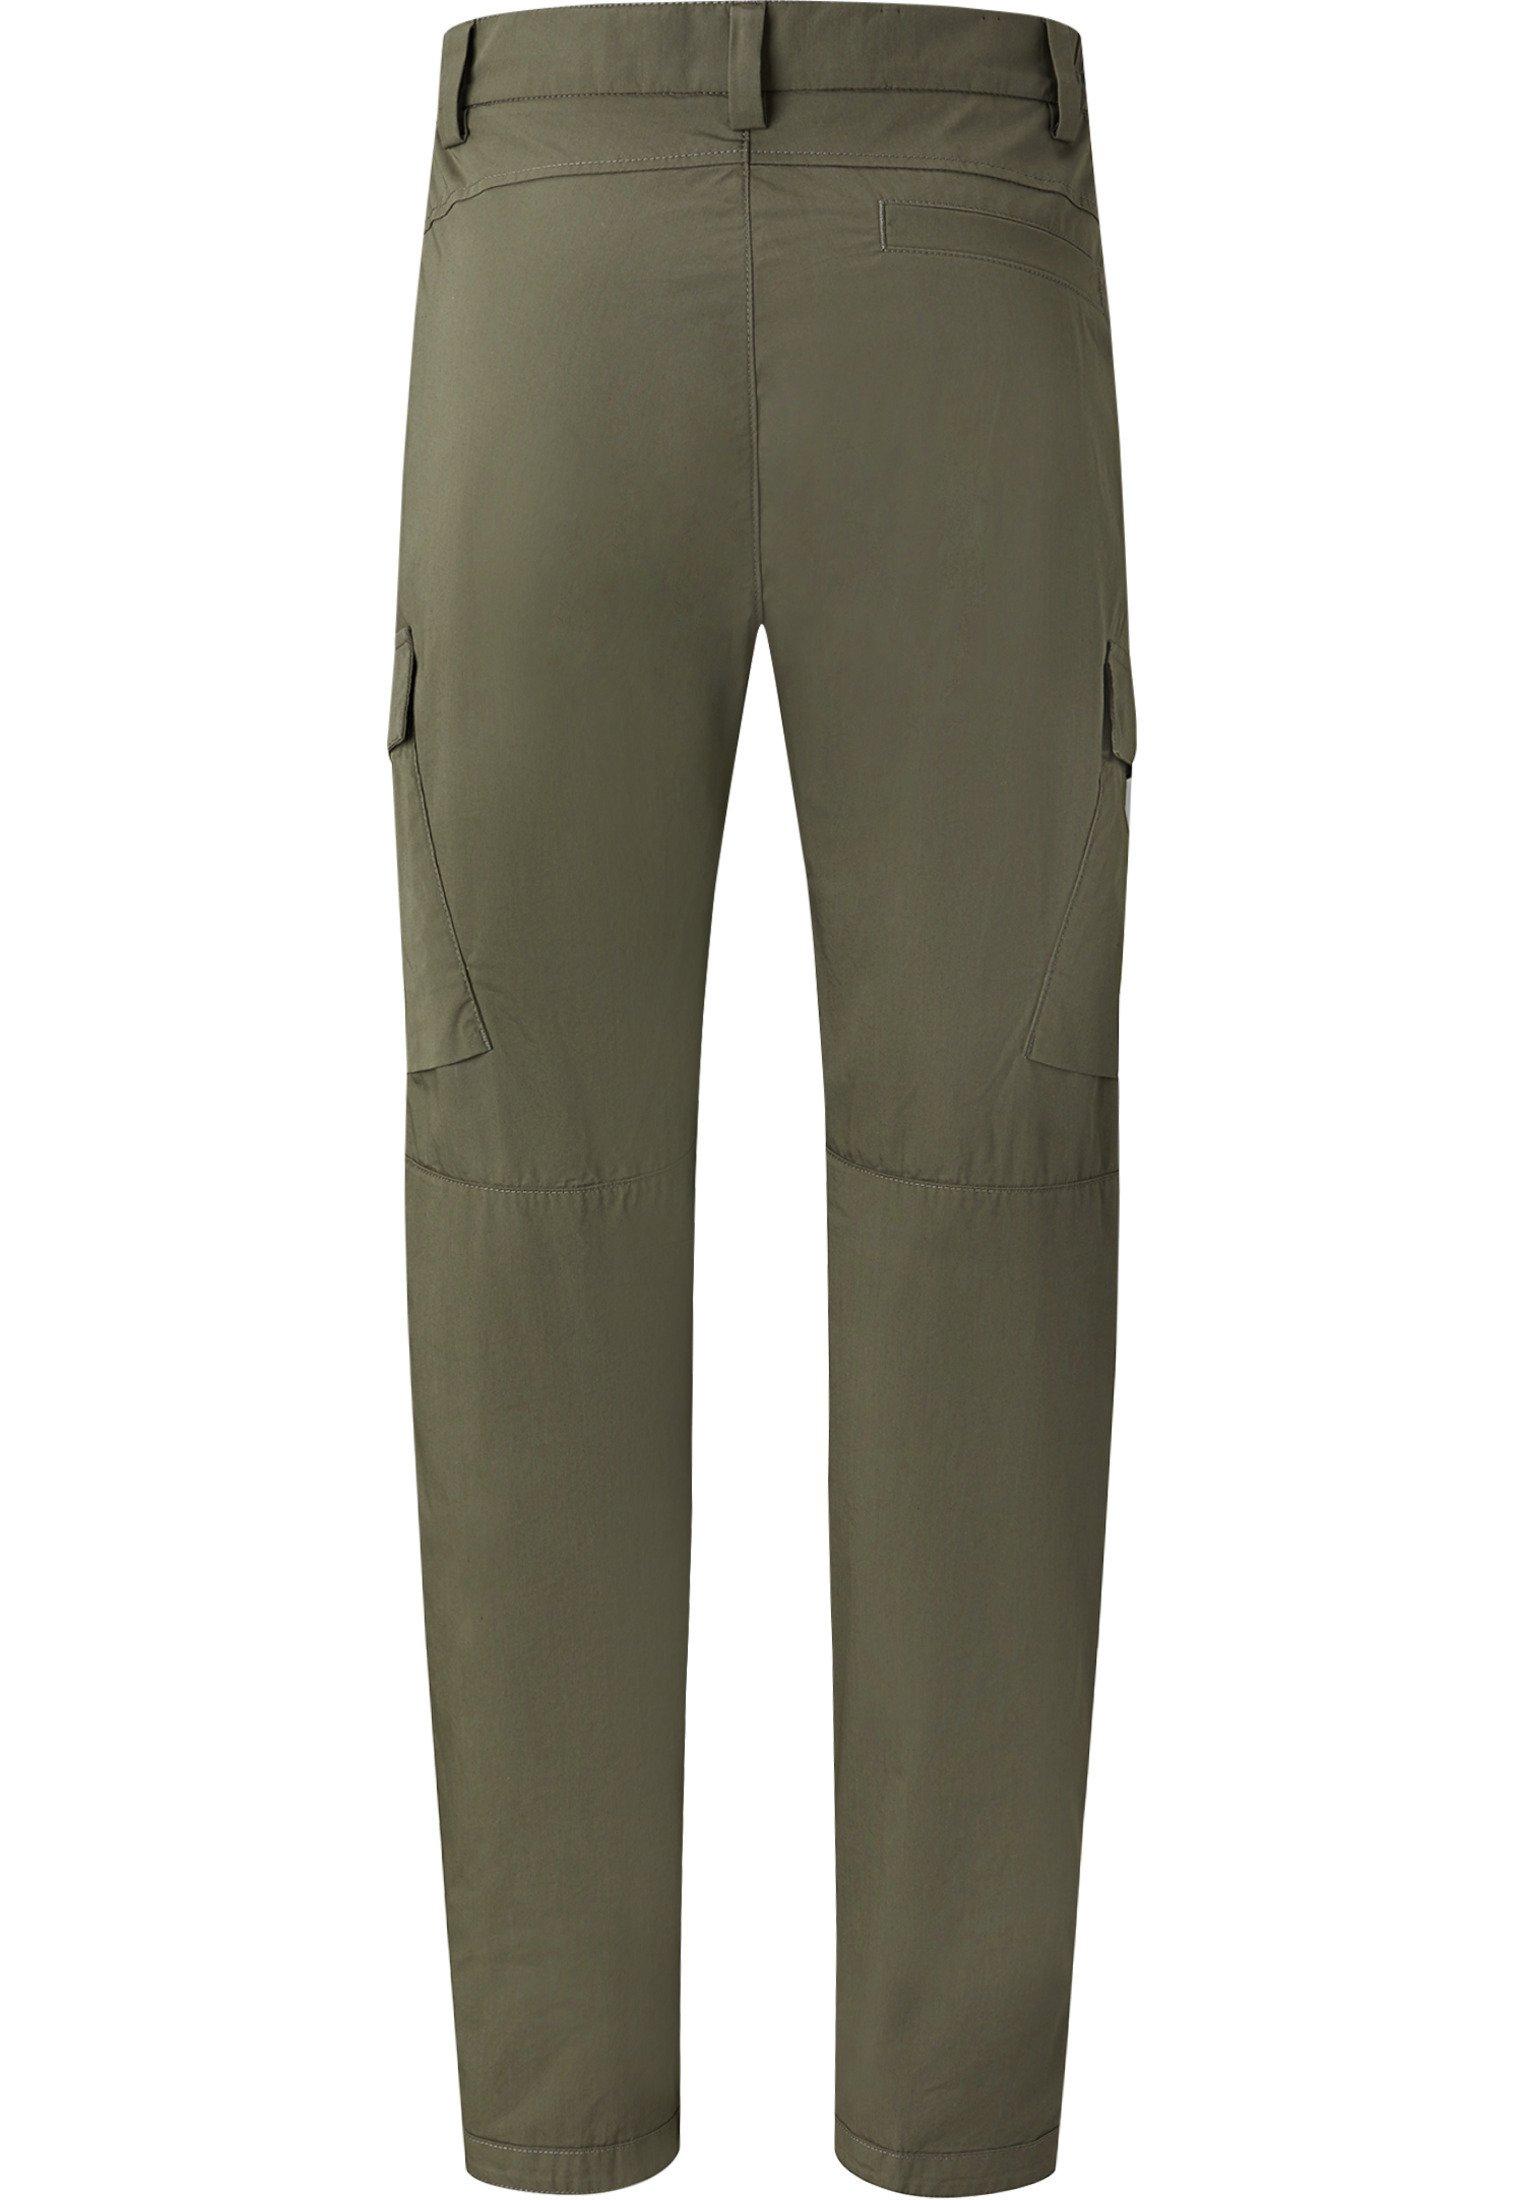 Homme CARLO - Pantalon cargo